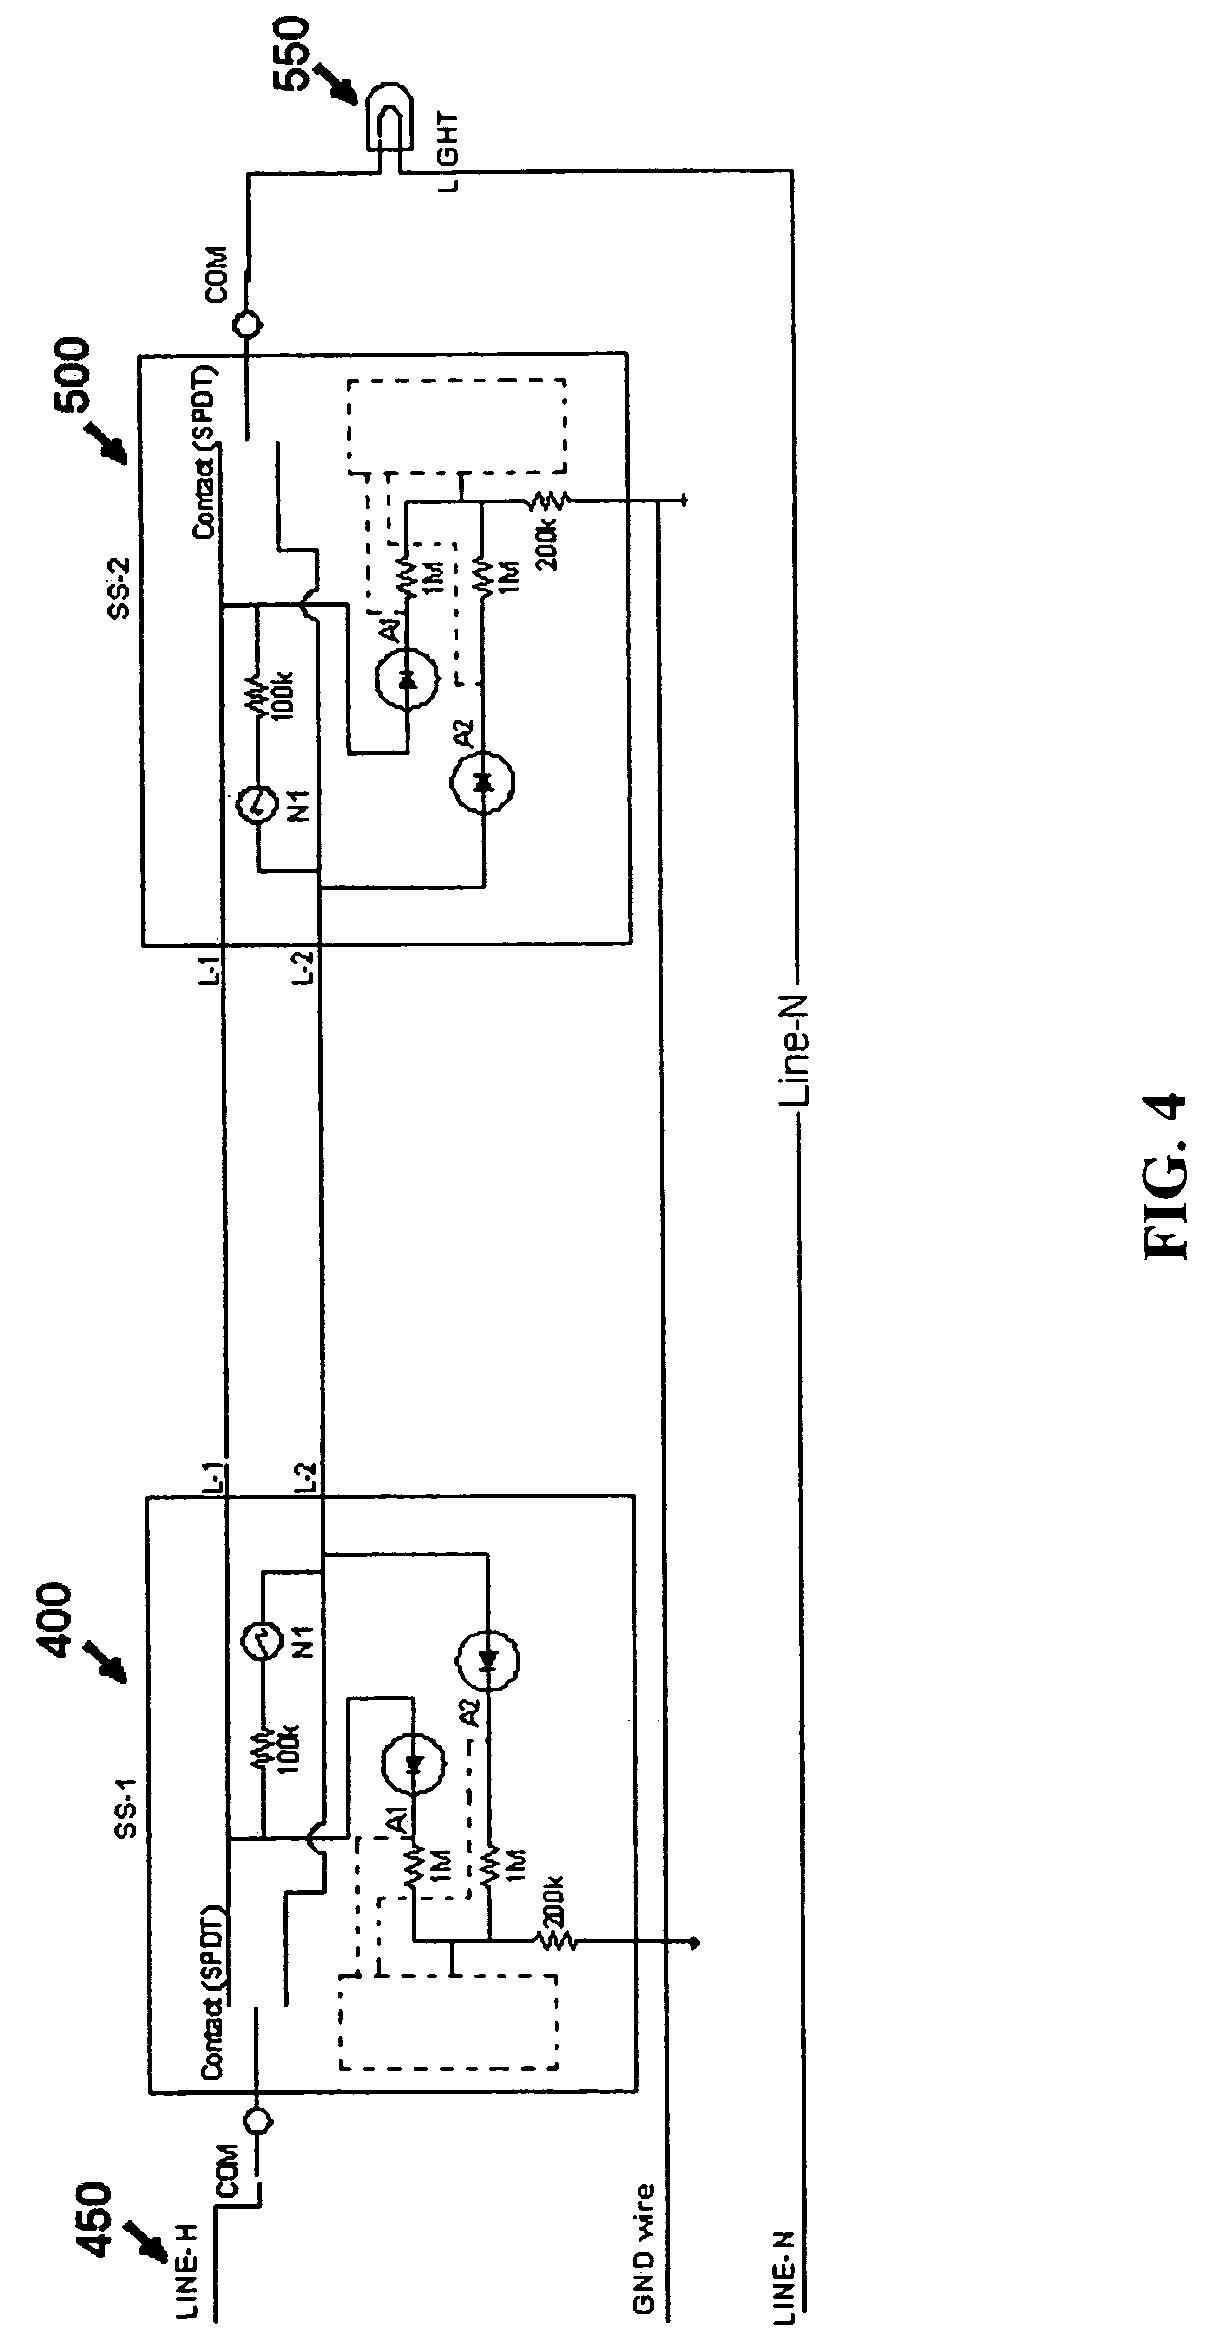 pir flood light wiring diagram furnace air flow direction honeywell sensor